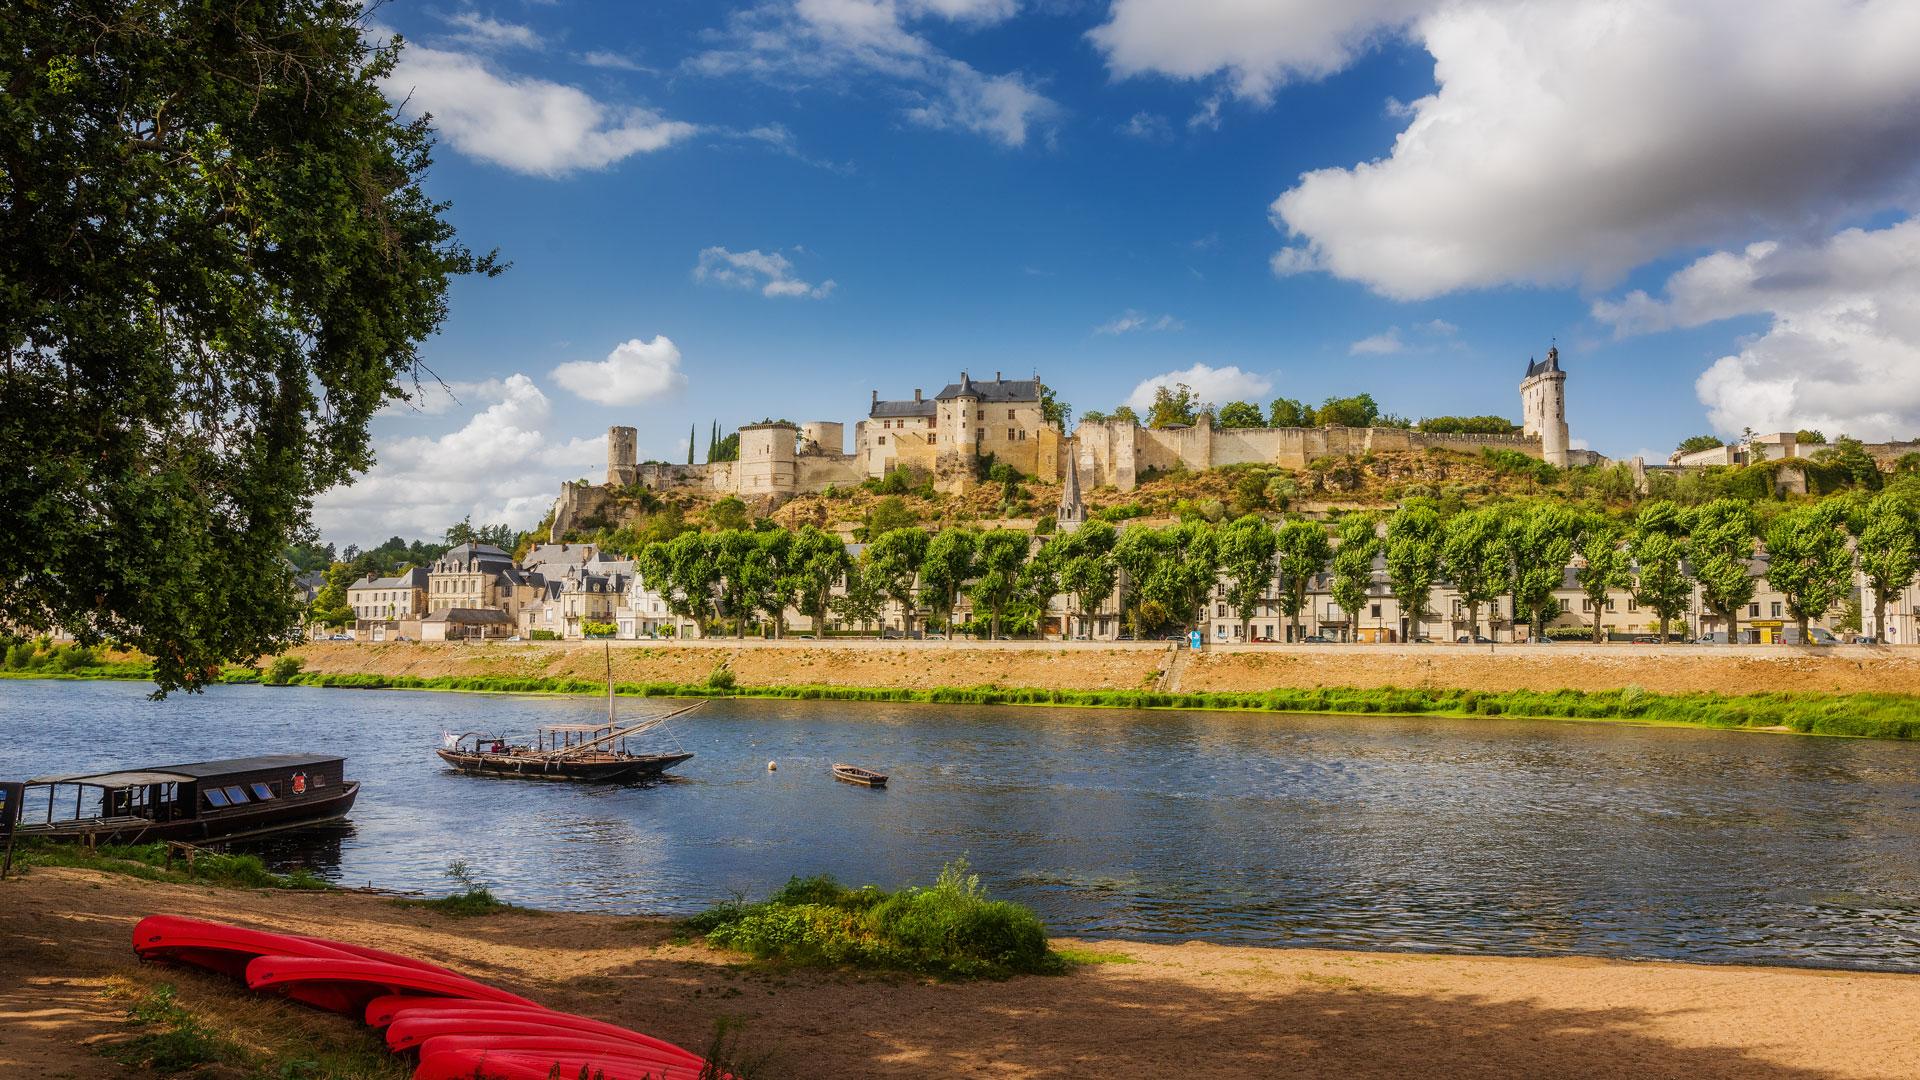 Quel château de la Loire visiter en 2021 ? La forteresse royale de Chinon a accueilli Jeanne d'Arc, venue à la rencontre du roi de France. Depuis un éperon rocheux, le château offre une jolie vue sur le paysage environnant. En 2021, quelques nouveautés seront à découvrir, comme à Chenonceau, Amboise, Ussé, Versailles, Chambord, Cheverny, Fontainebleau, Vincennes...